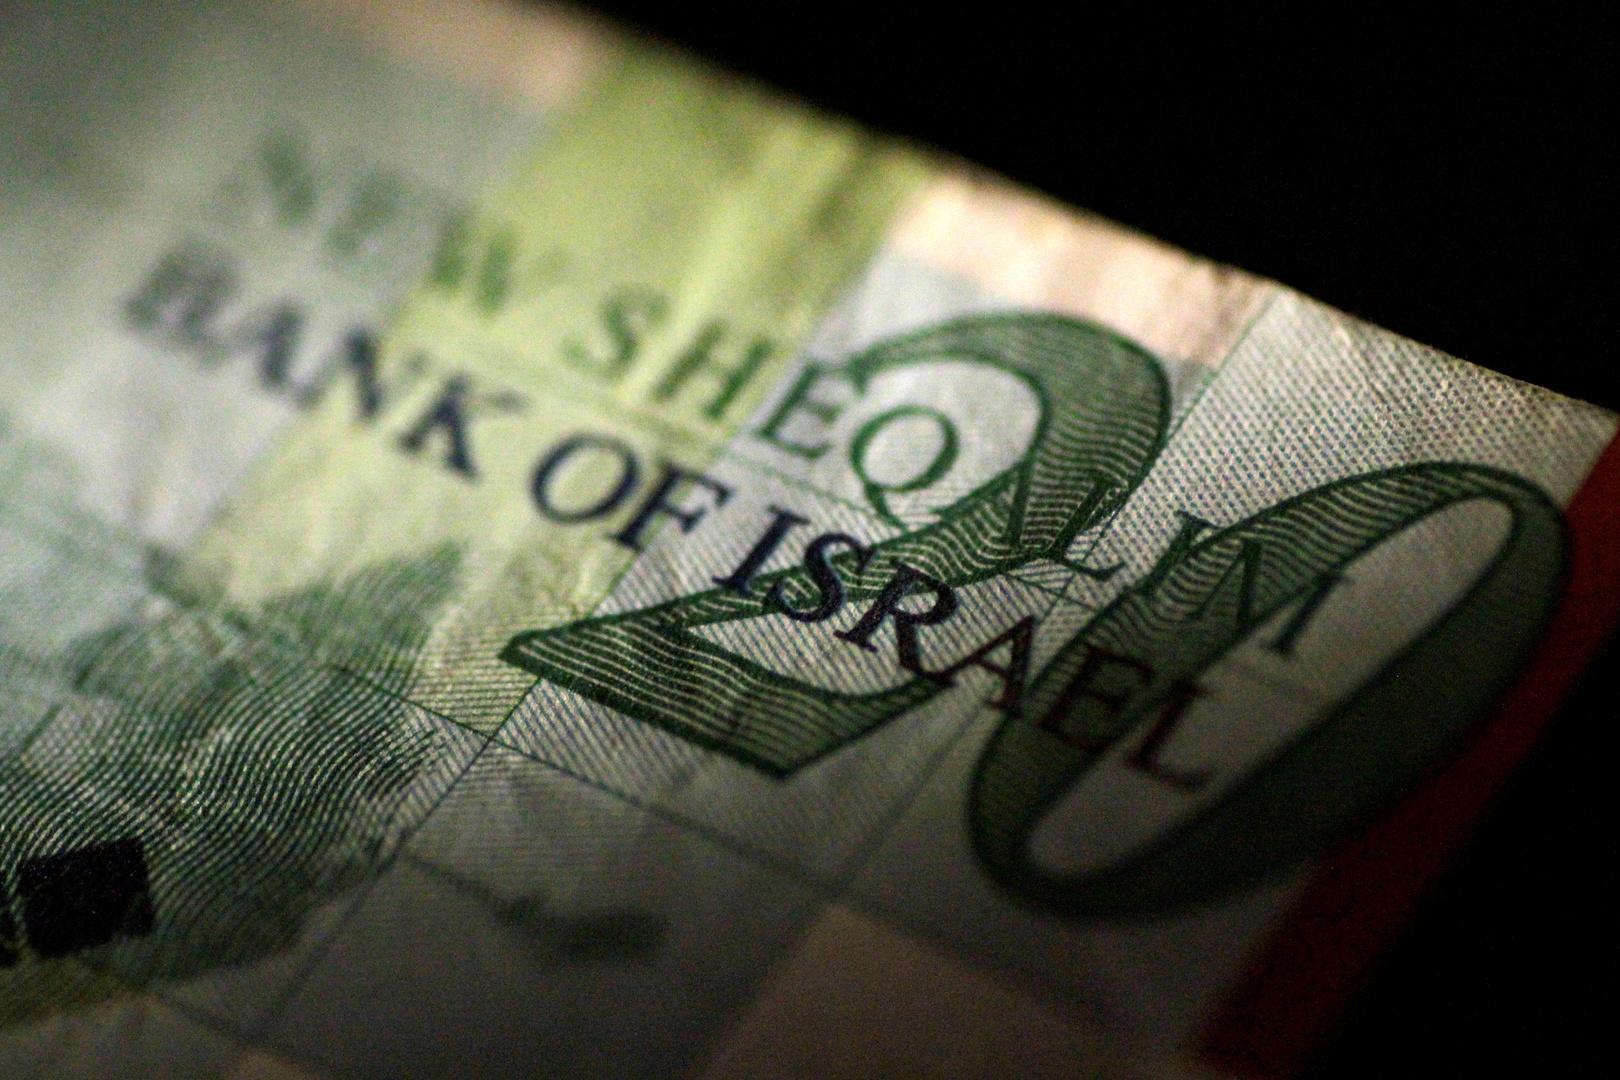 الشؤون المدنية الفلسطينية تعلن عن إجراء بخصوص مبالغ متكدسة في البنوك الفلسطينية